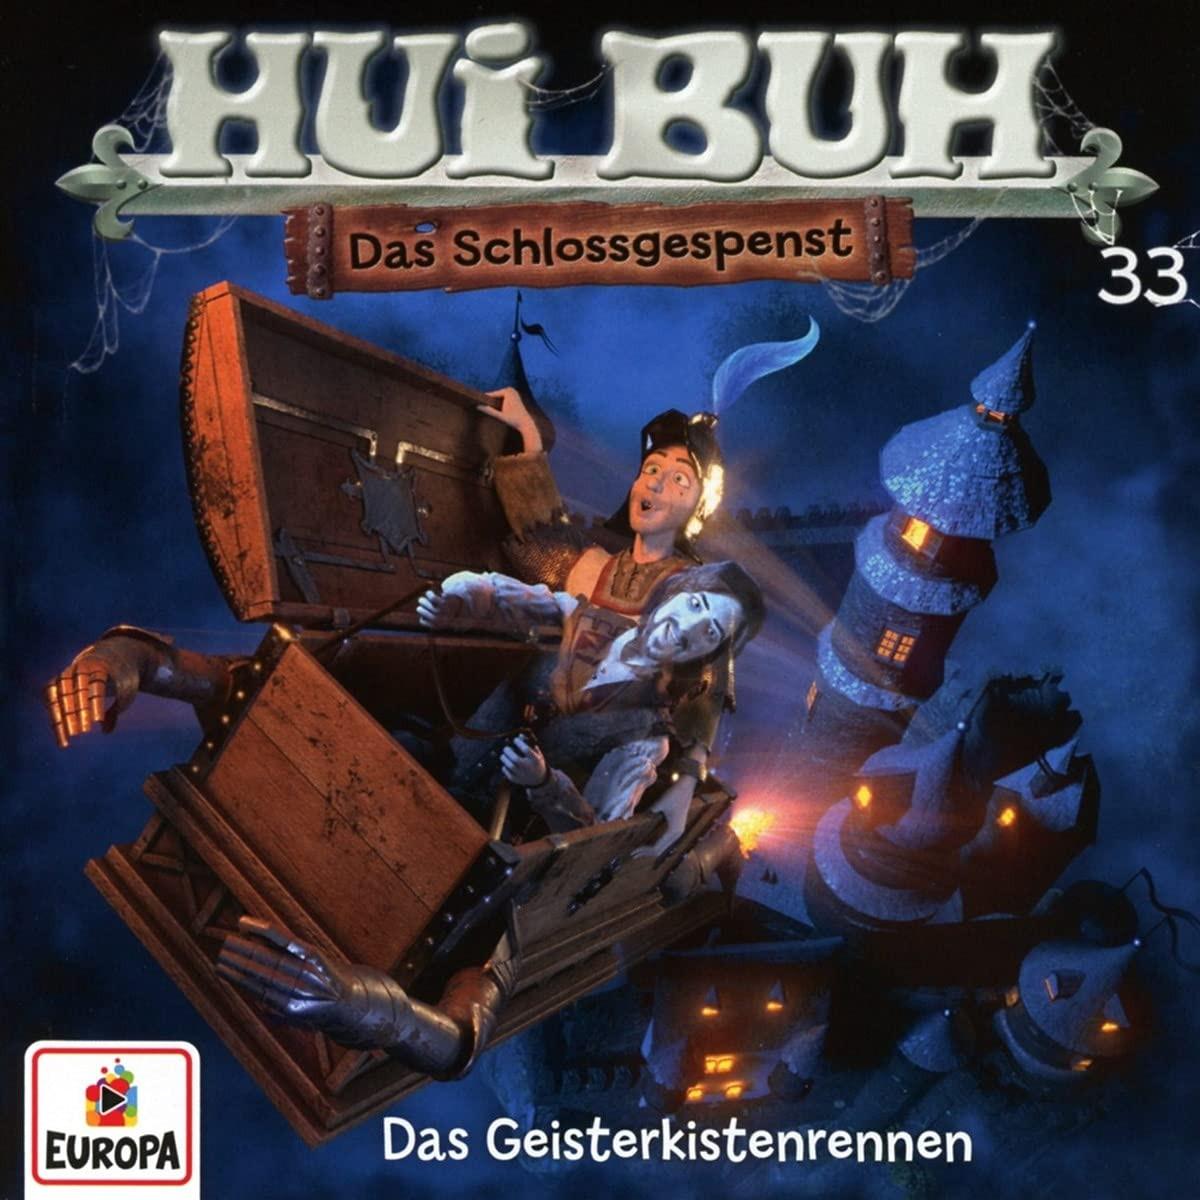 Hui Buh - Die neue Welt - Folge 33: Das Geisterkistenrennen